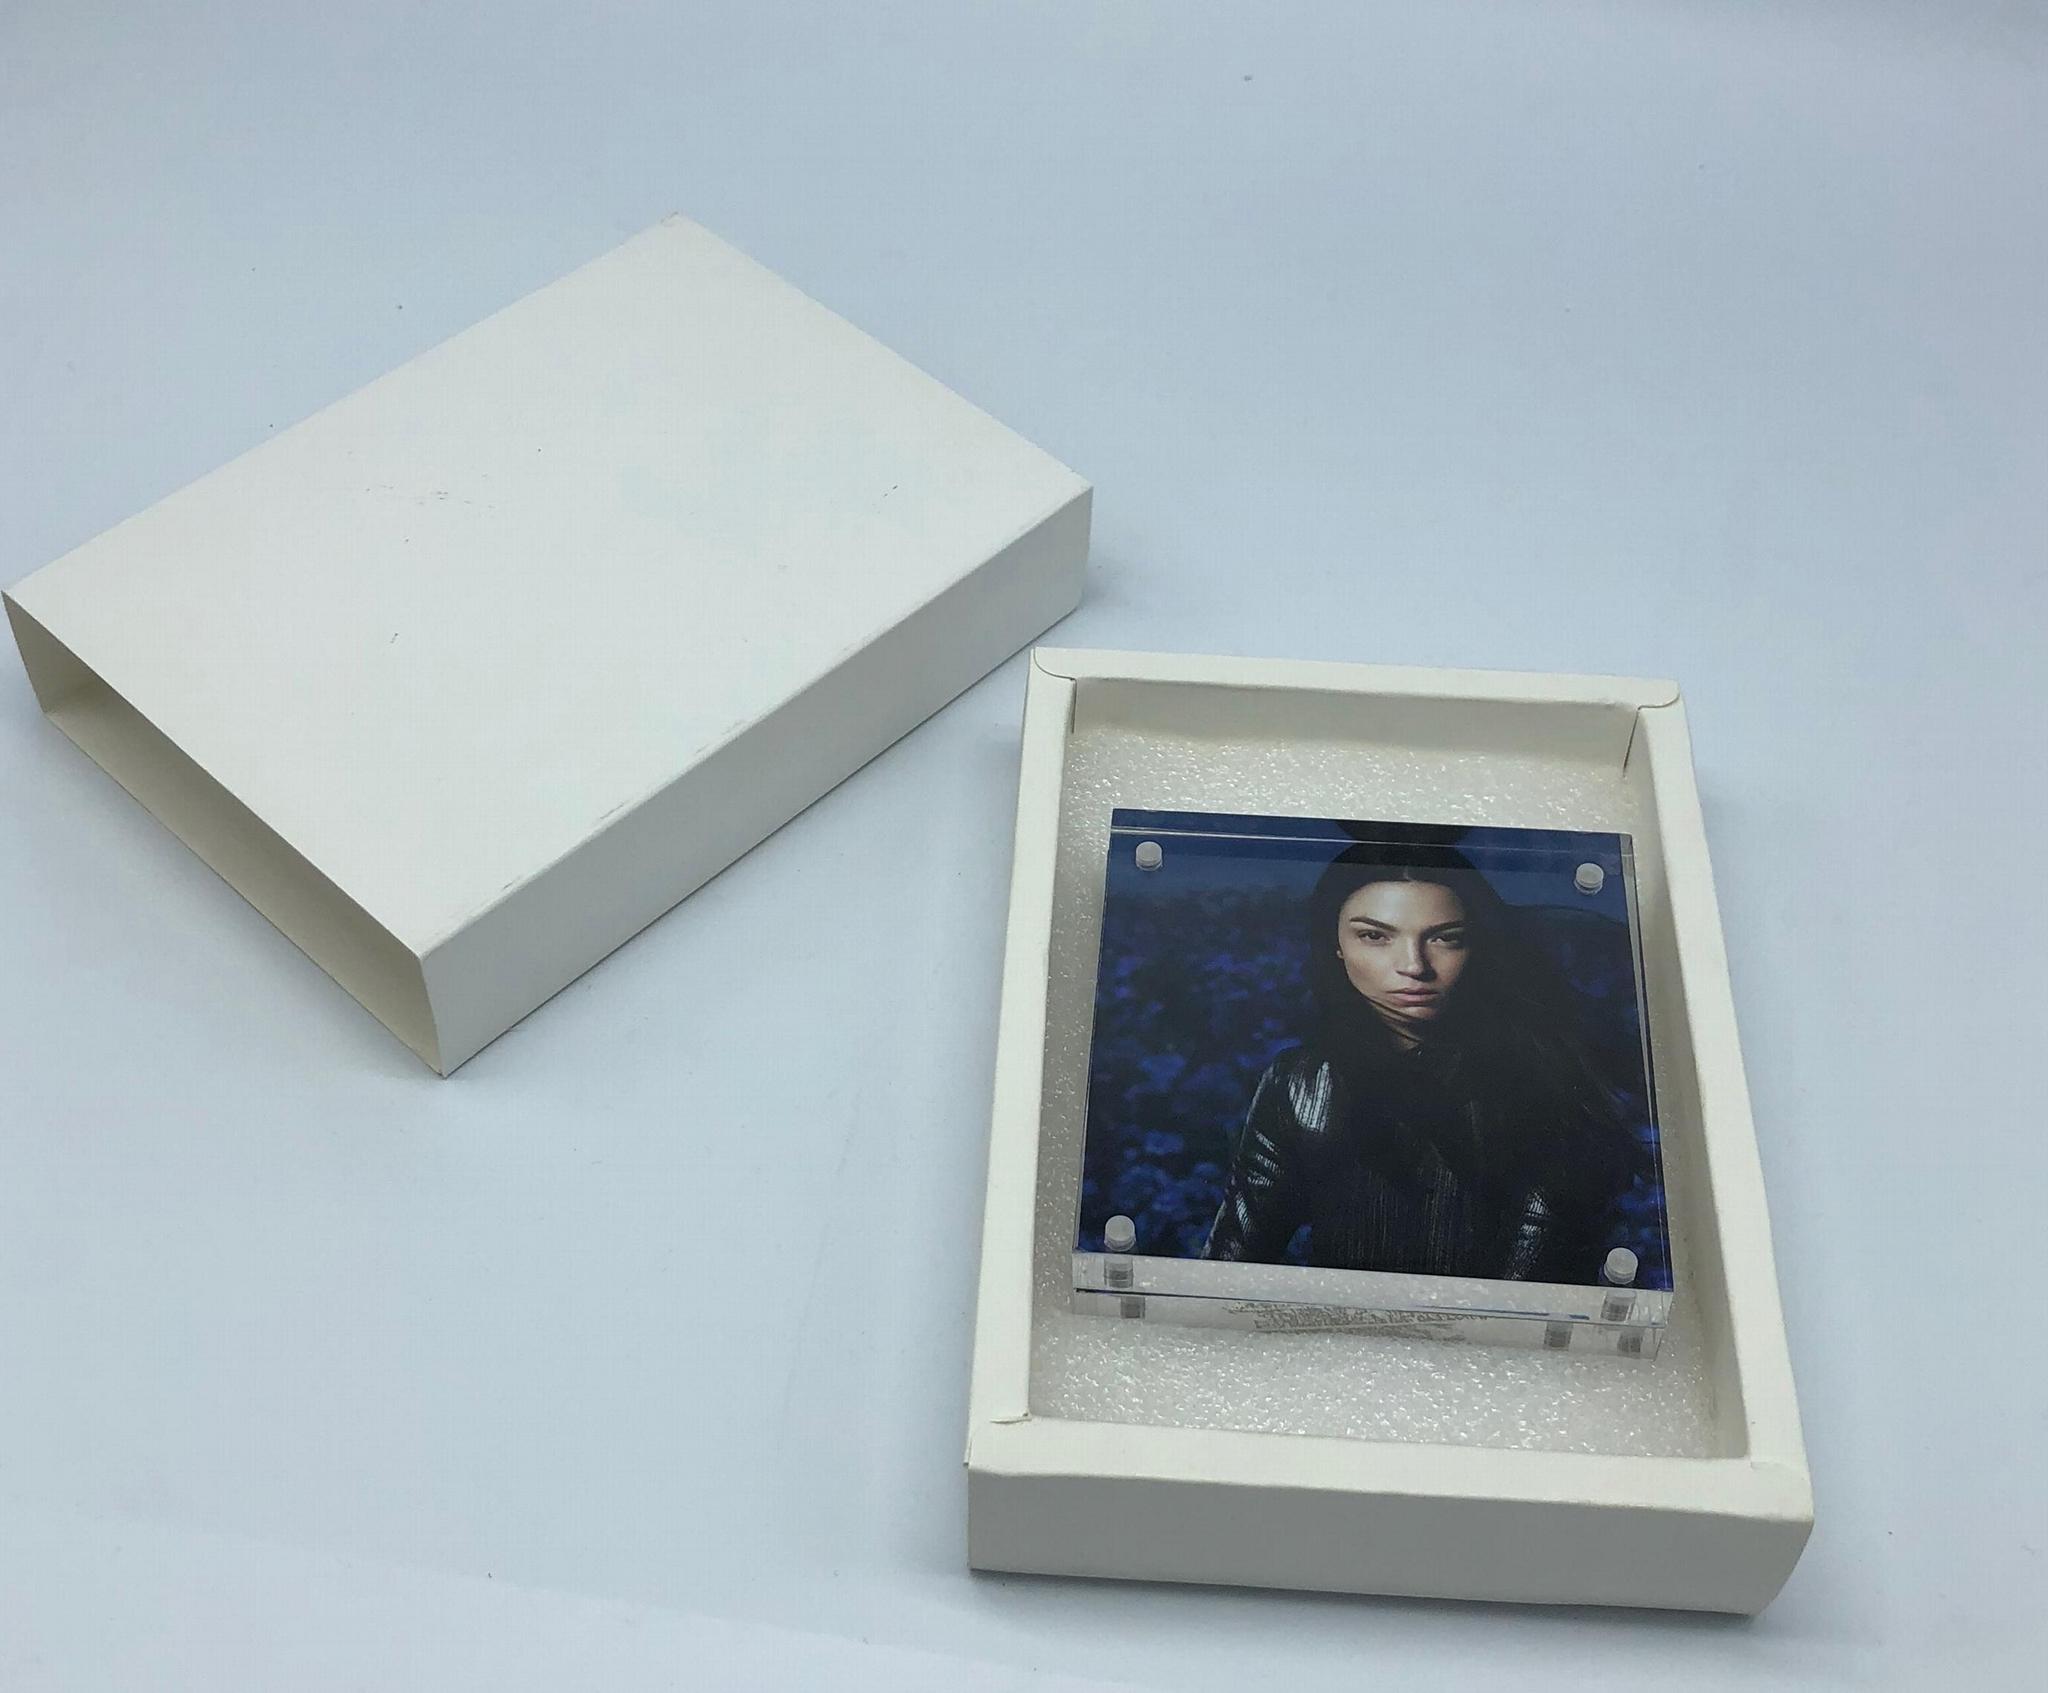 亞加力膠磁石相架10x10cm,,壓克力相框,  13